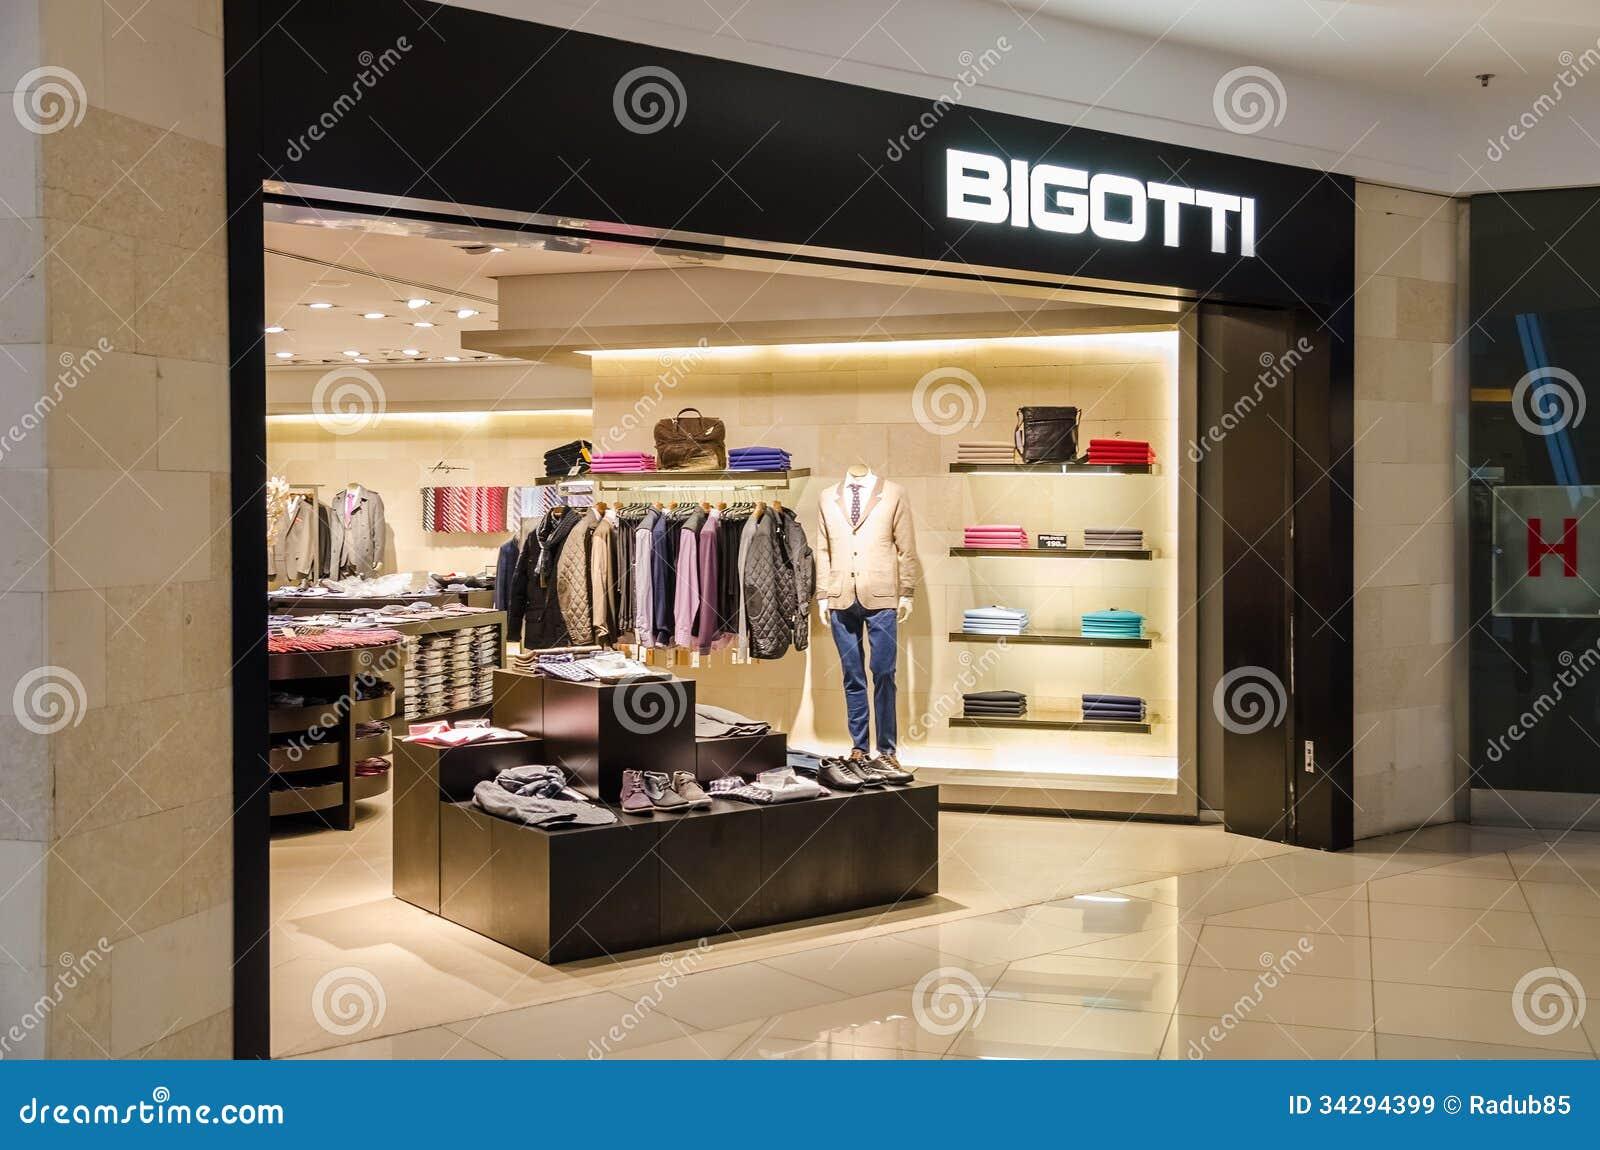 deposito di bigotti immagine stock editoriale immagine di. Black Bedroom Furniture Sets. Home Design Ideas